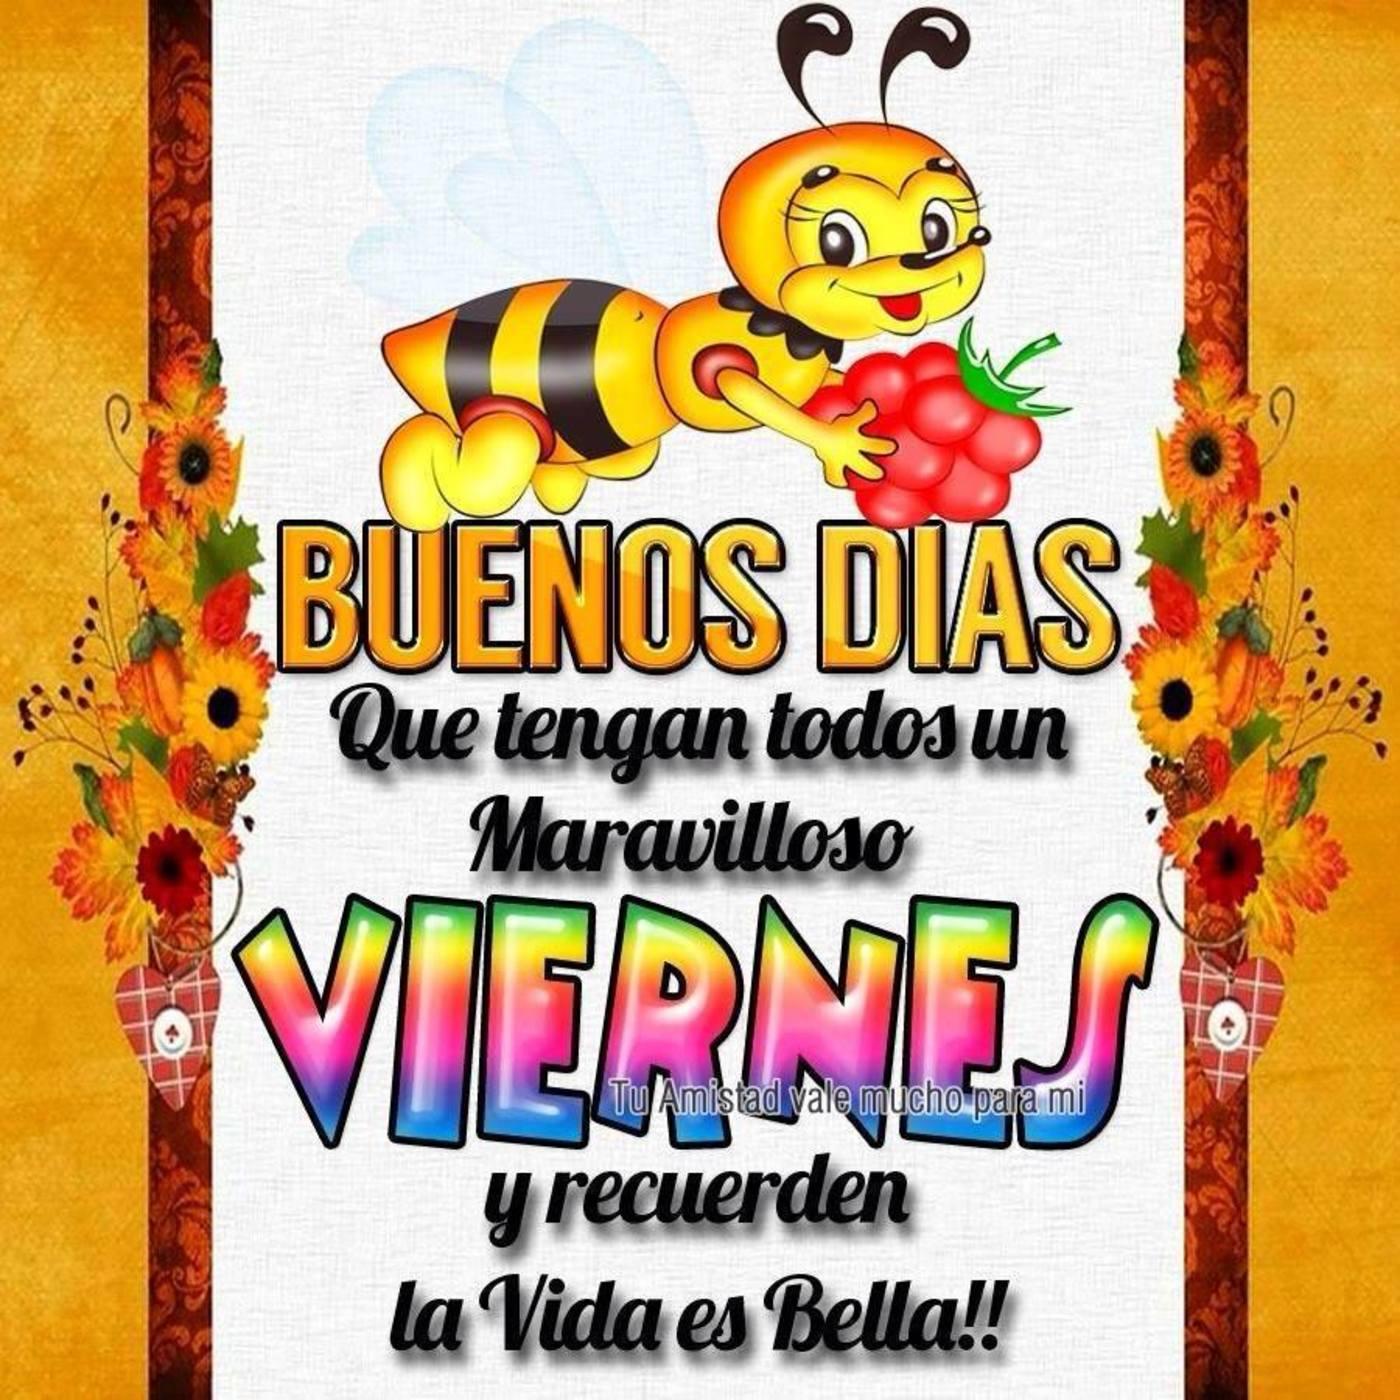 Feliz Viernes Imagenes Y Frases Facebook 297 Bonitasimagenes Net